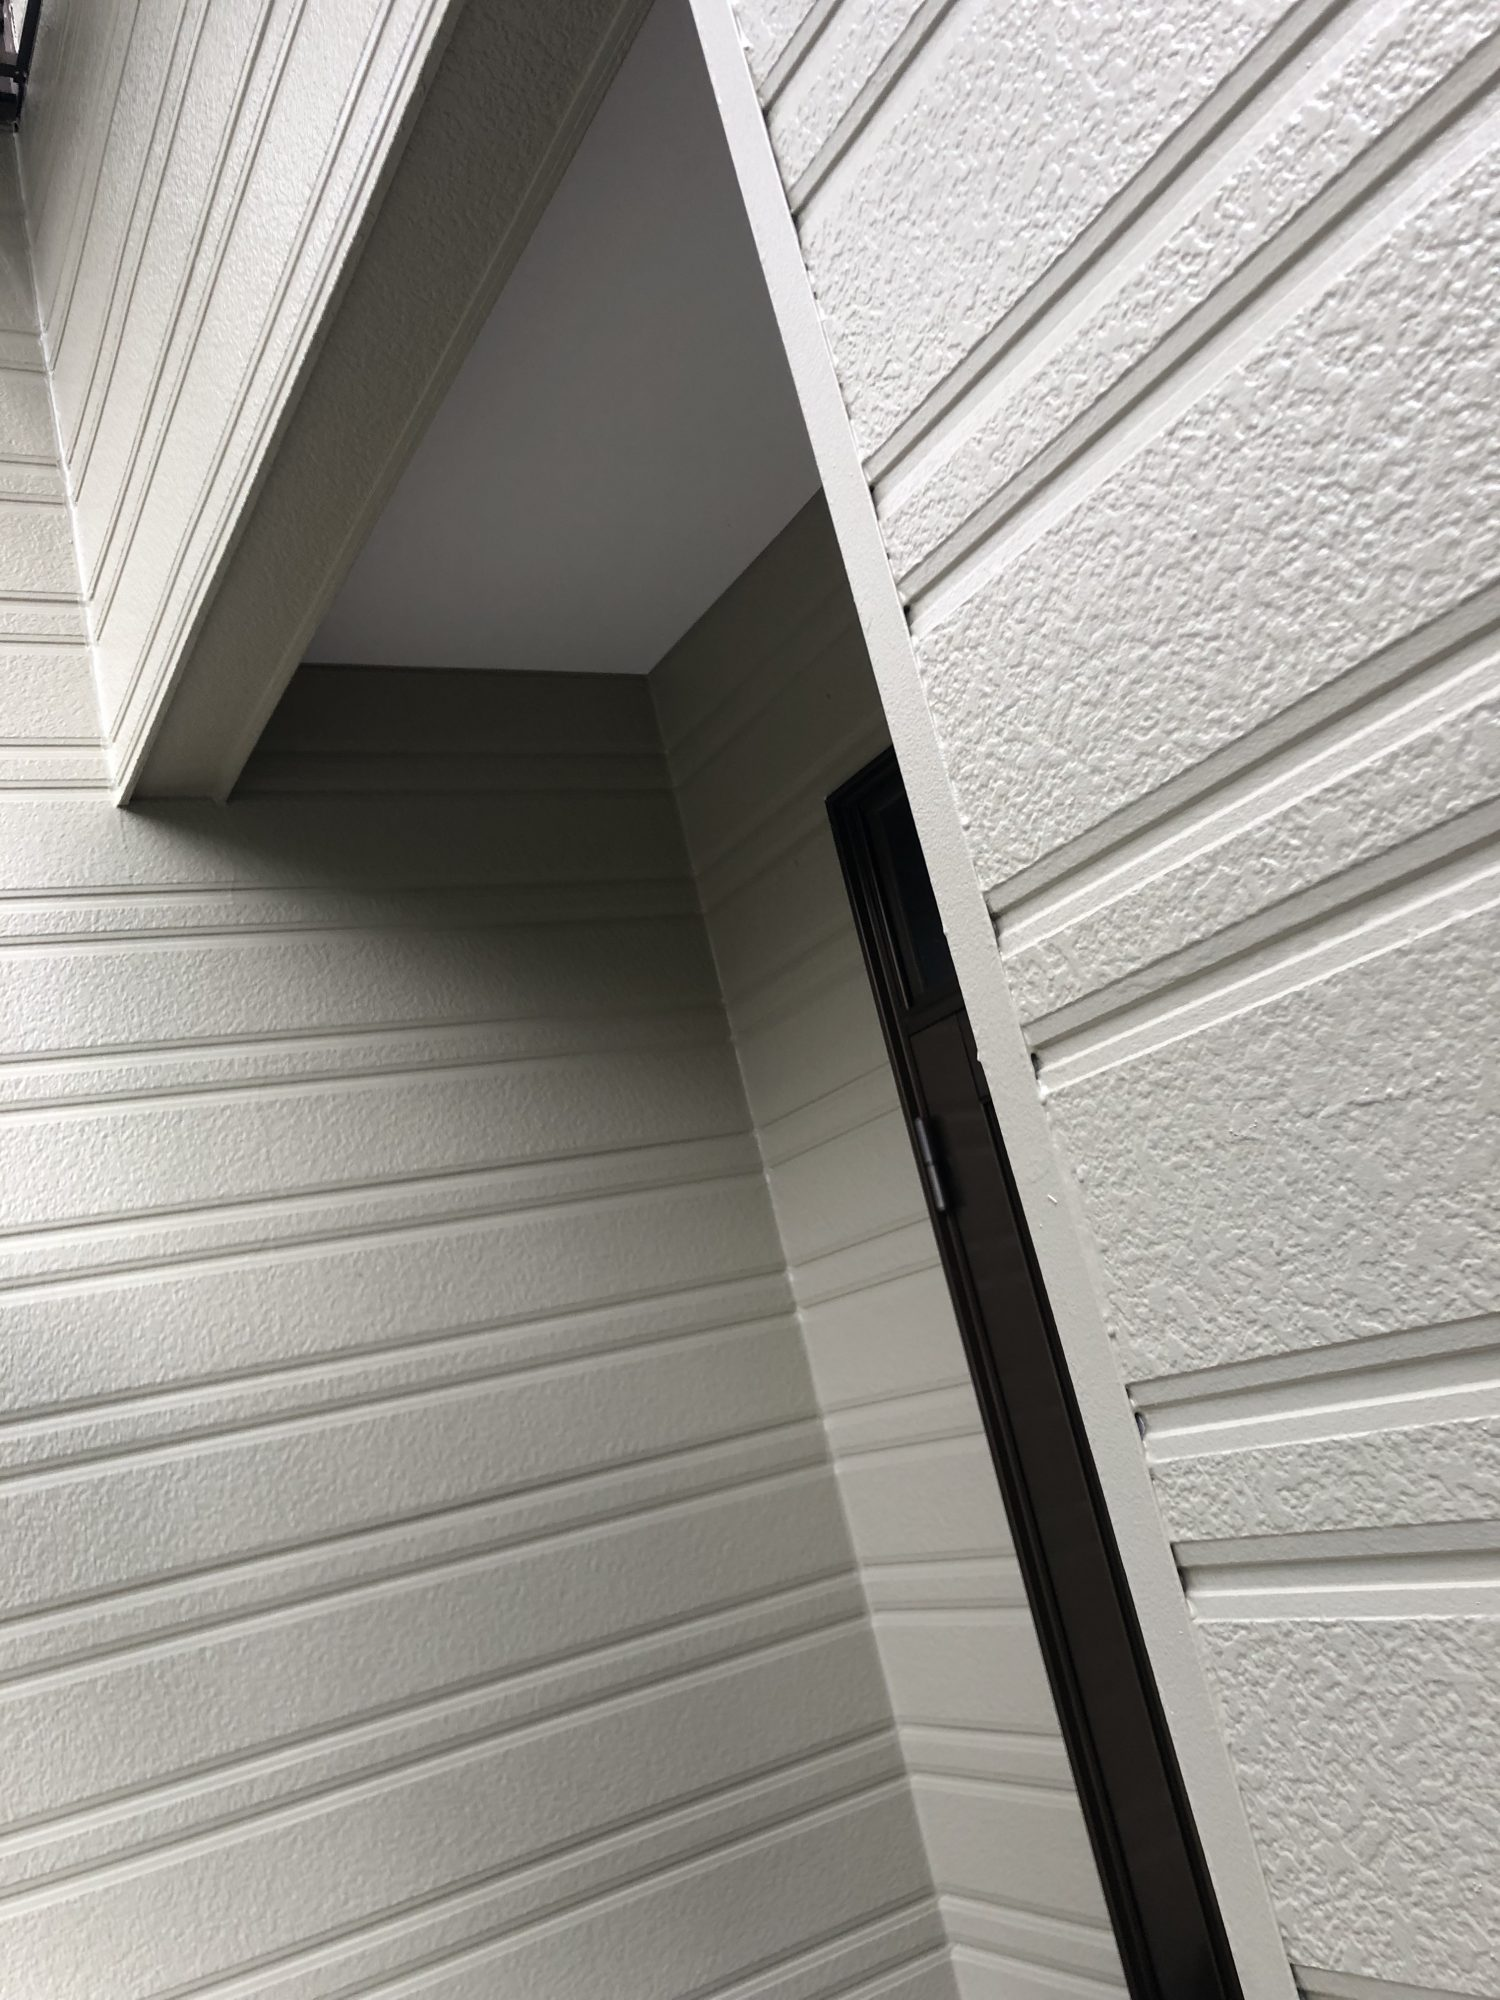 長生郡睦沢町A様邸屋根外壁塗装工事